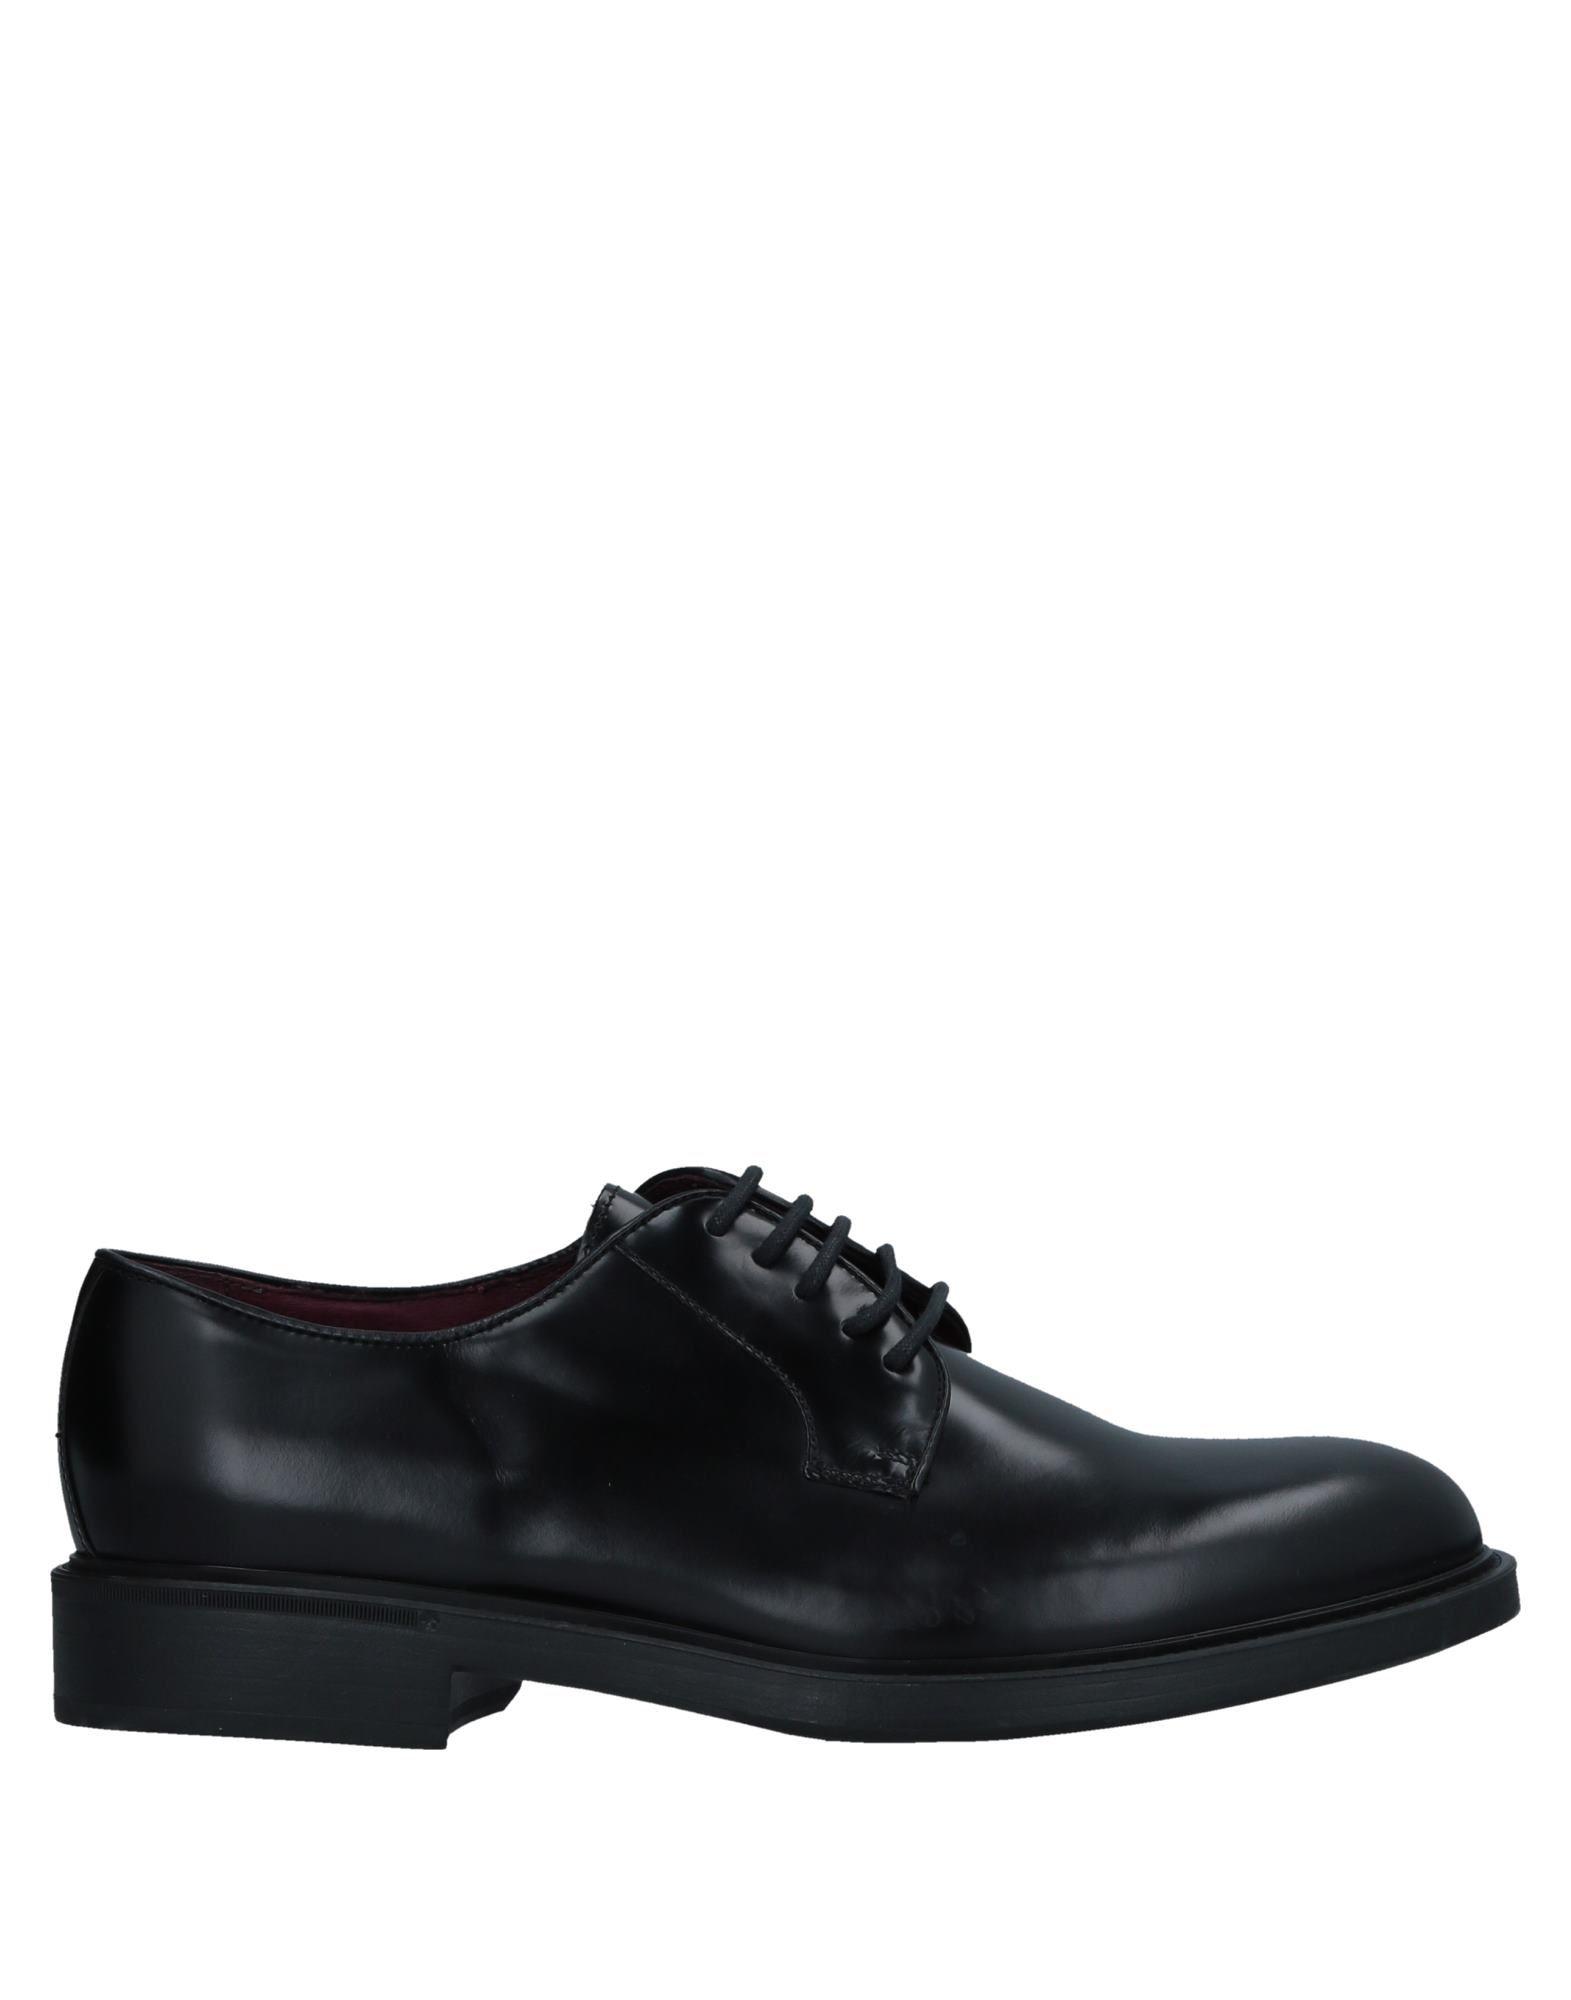 Фото - ANTICA CUOIERIA Обувь на шнурках обувь на высокой платформе dkny